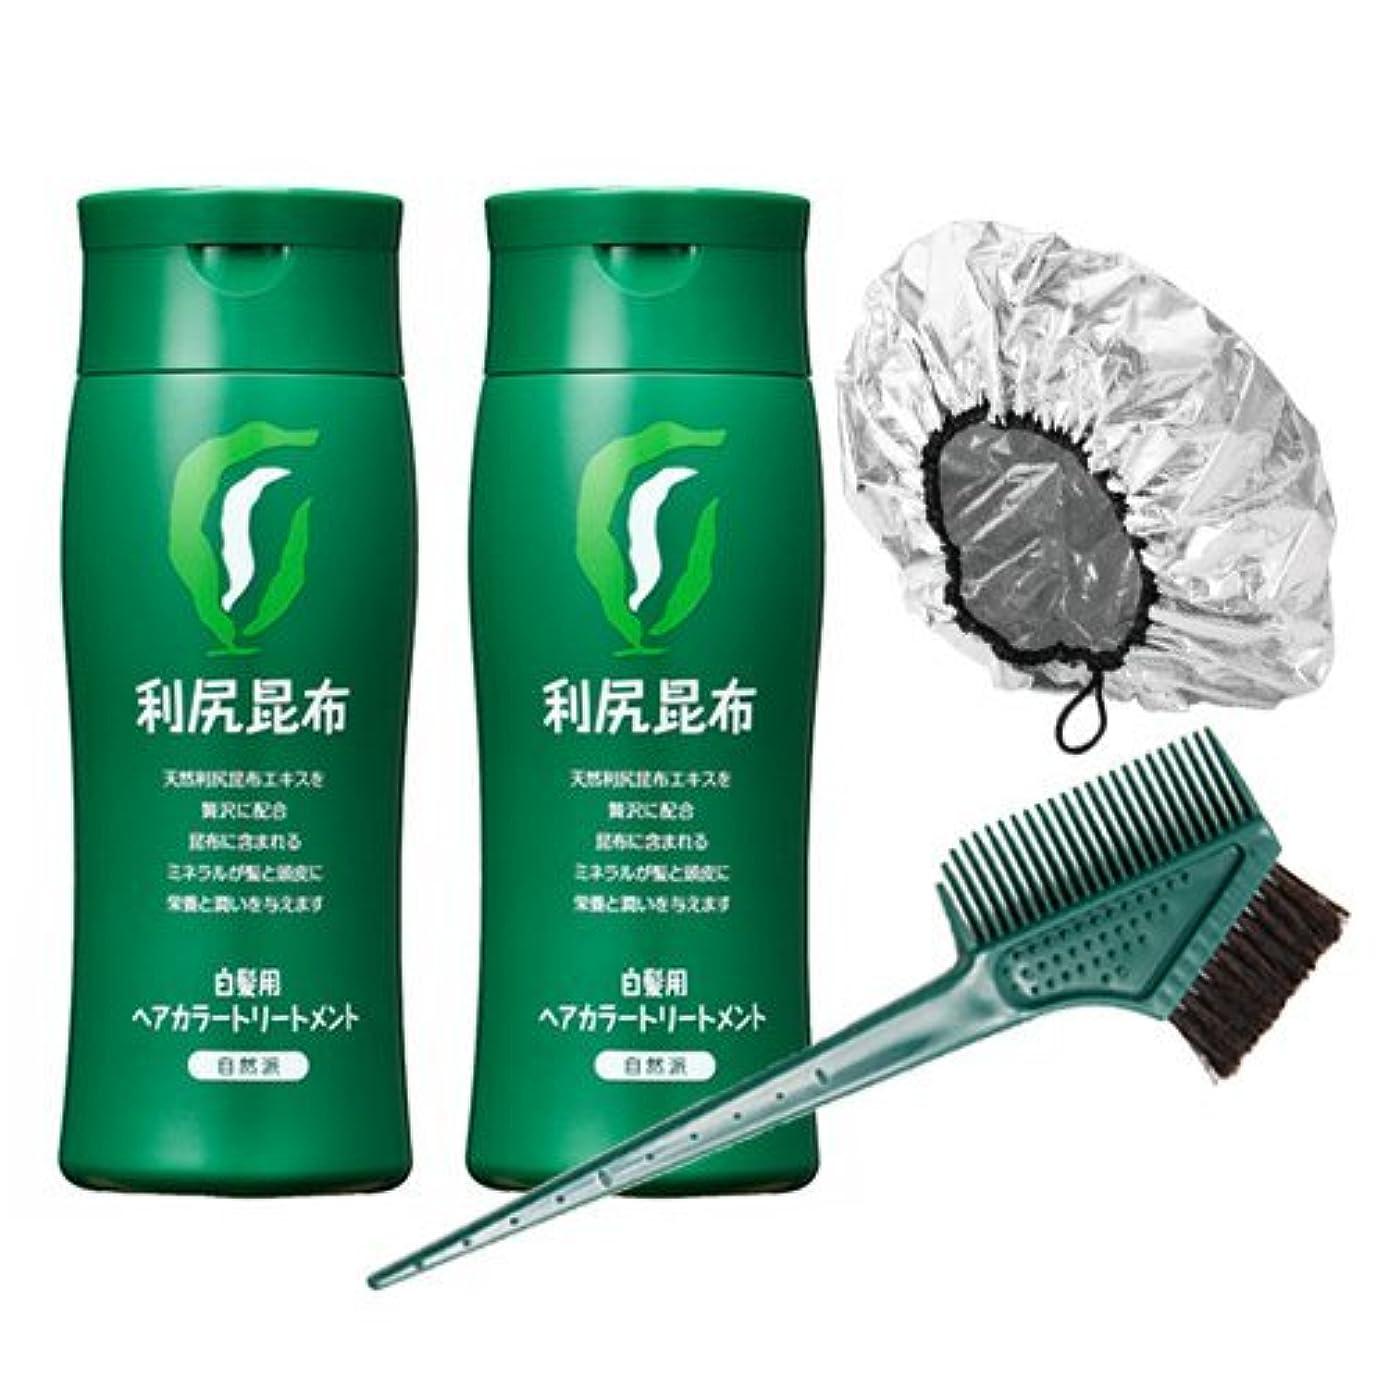 必須安定霜利尻ヘアカラートリートメント白髪染め 200g×2本(ブラック)&馬毛100%毛染めブラシ&専用キャップセット